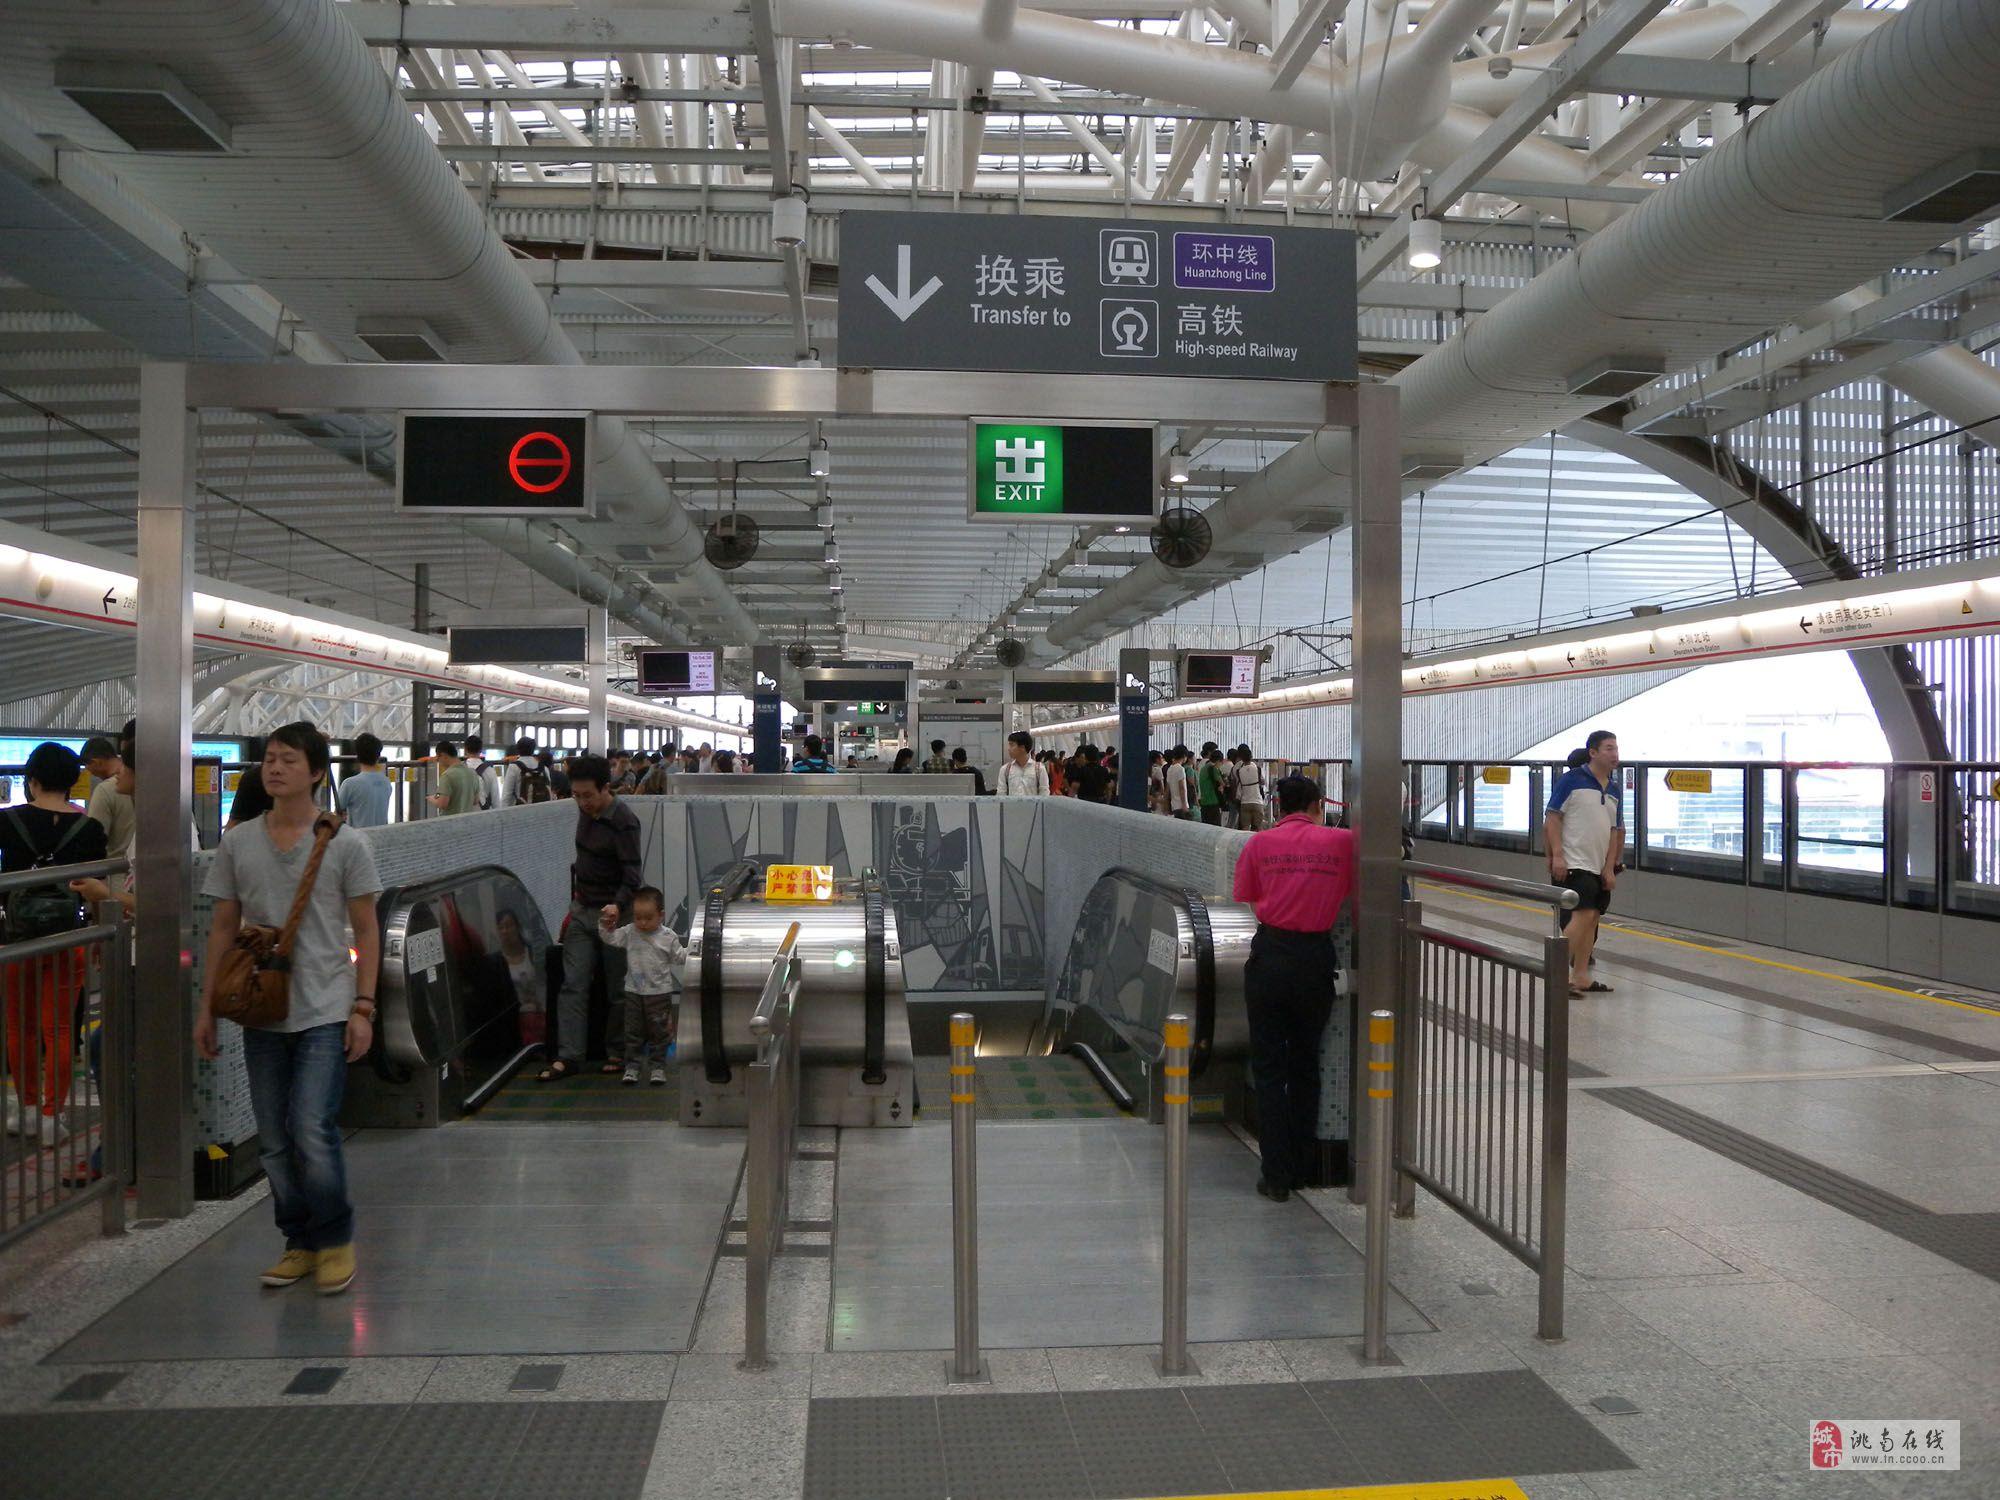 深圳地铁规划图 深圳地铁 深圳2030地铁规划图